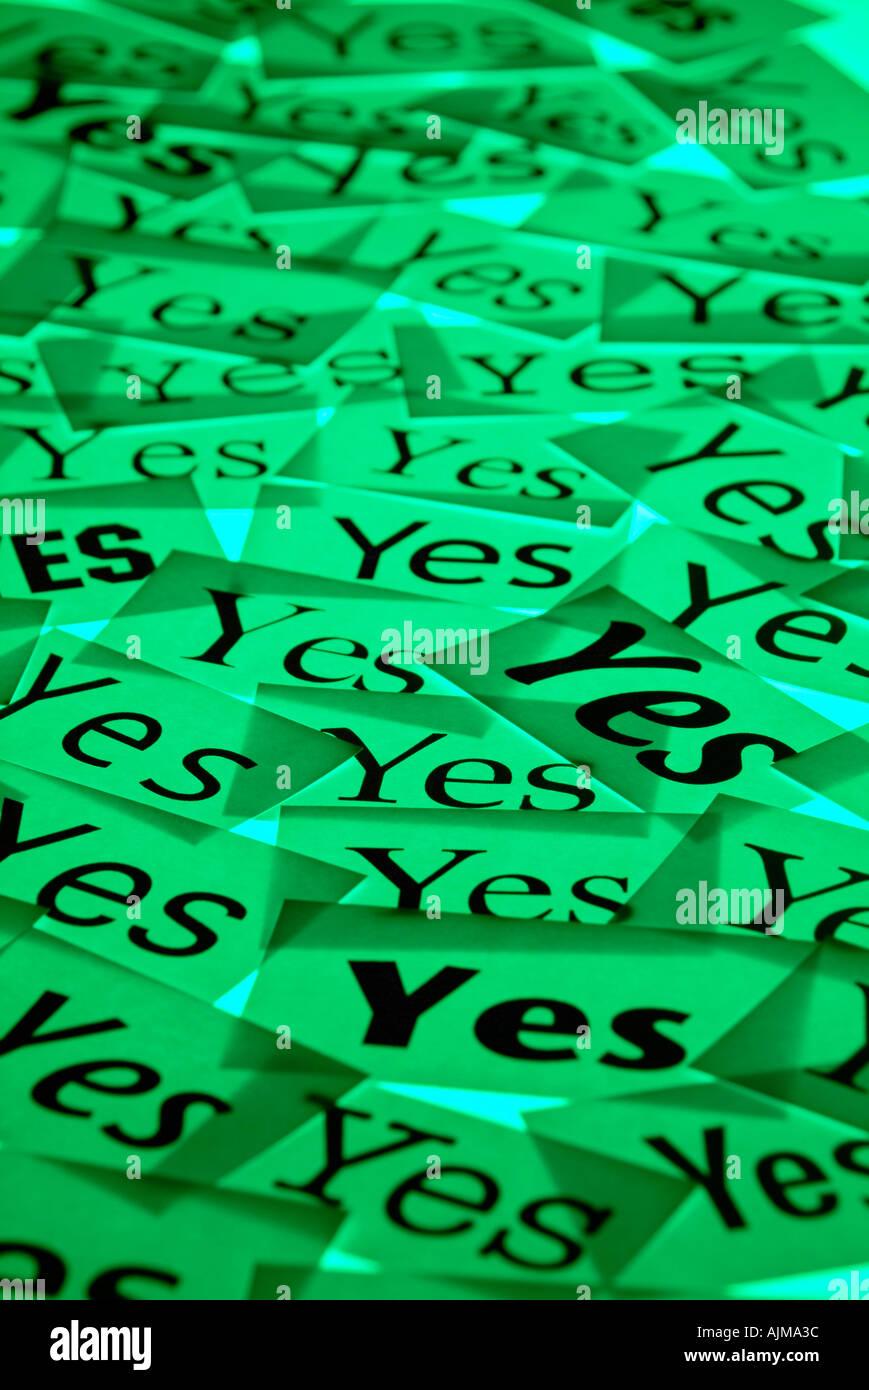 Yes votes Stock Photo